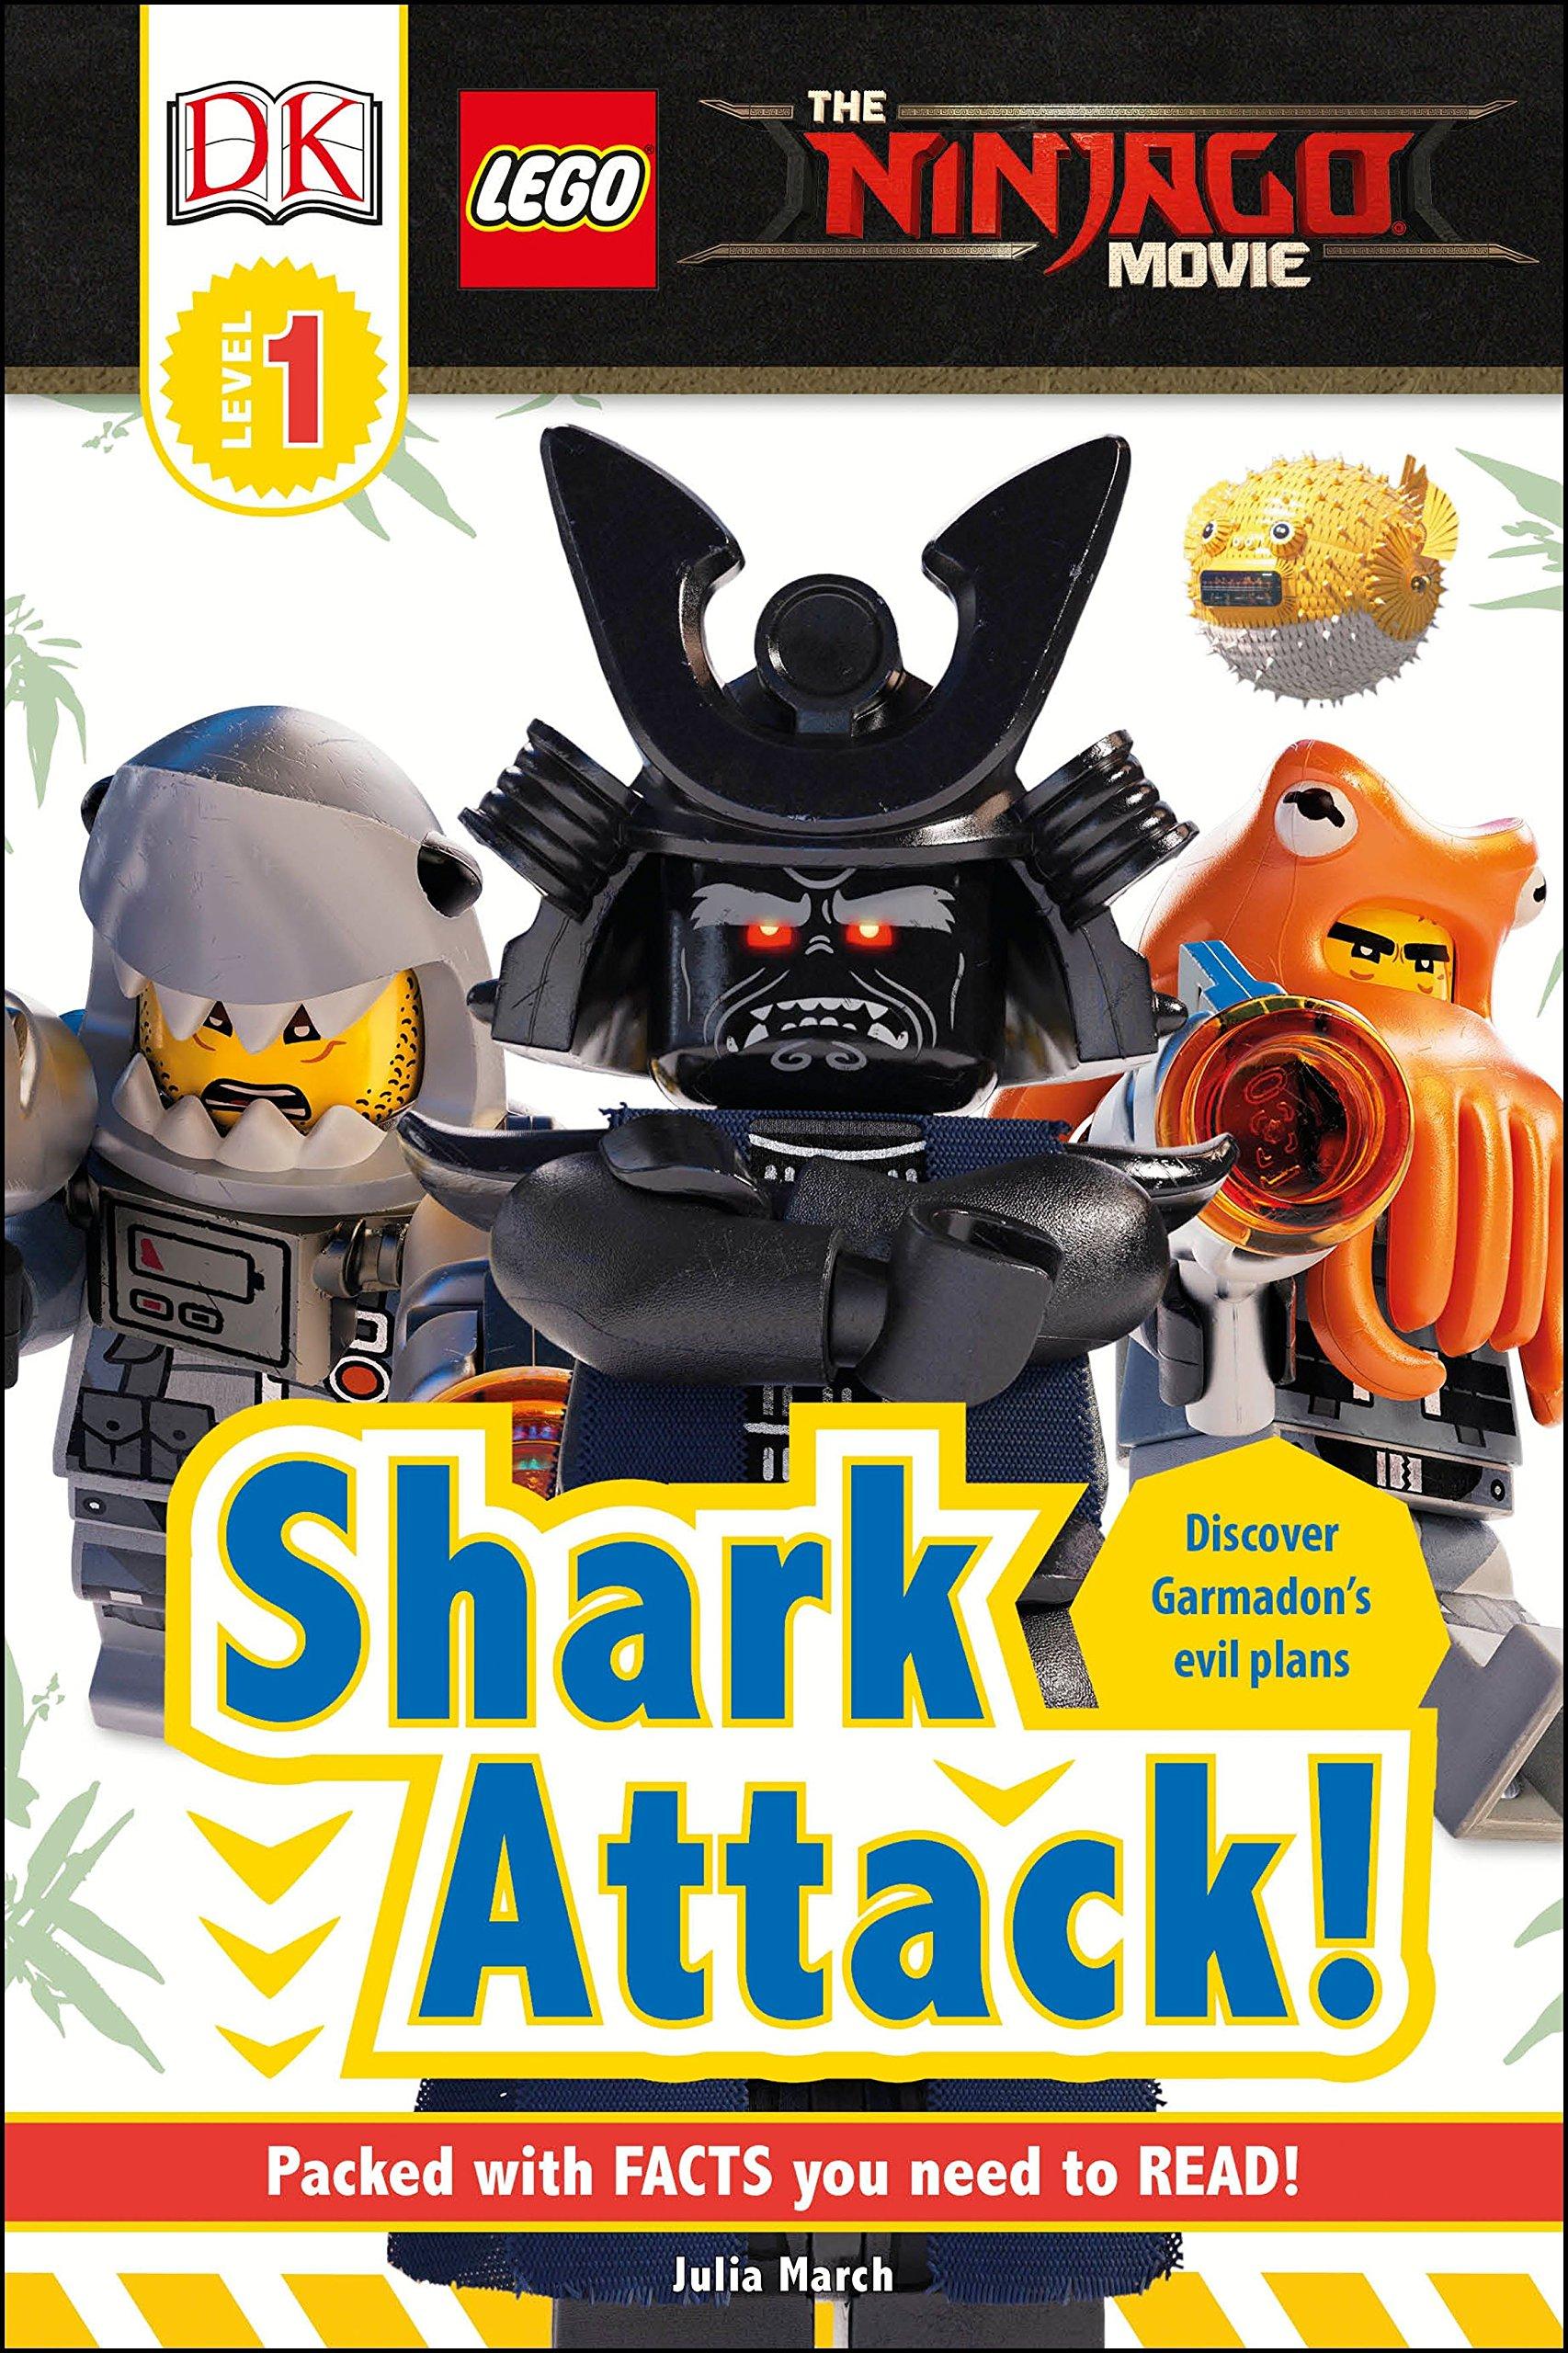 Amazon com: DK Readers L1: The LEGO® NINJAGO® MOVIE : Shark